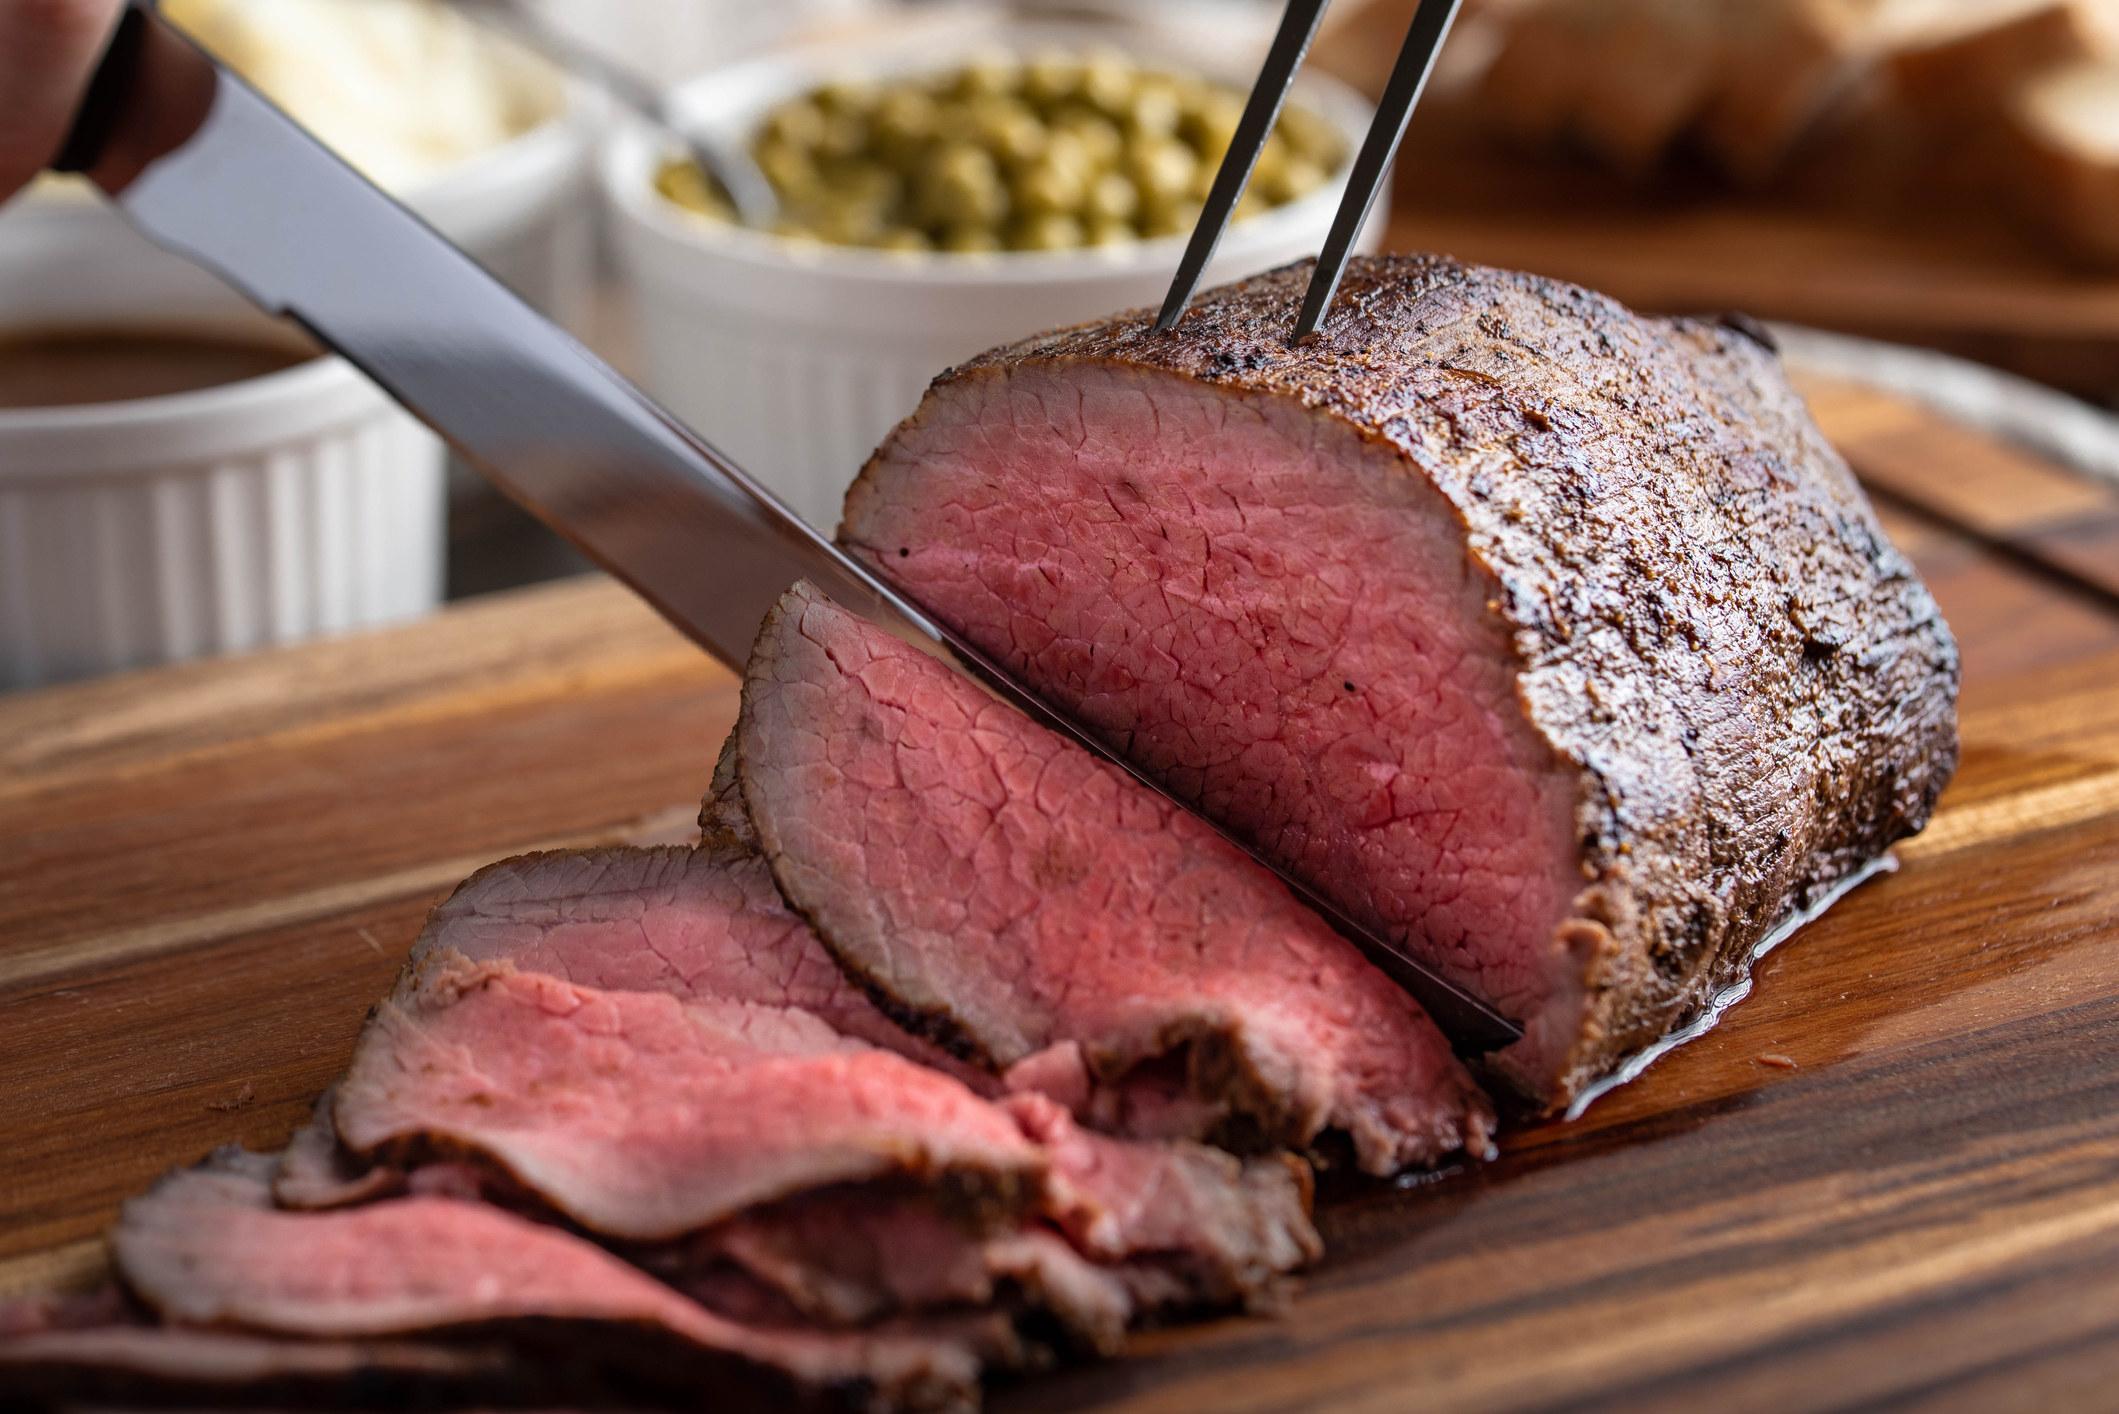 Slicing a medium-rare roast beef.